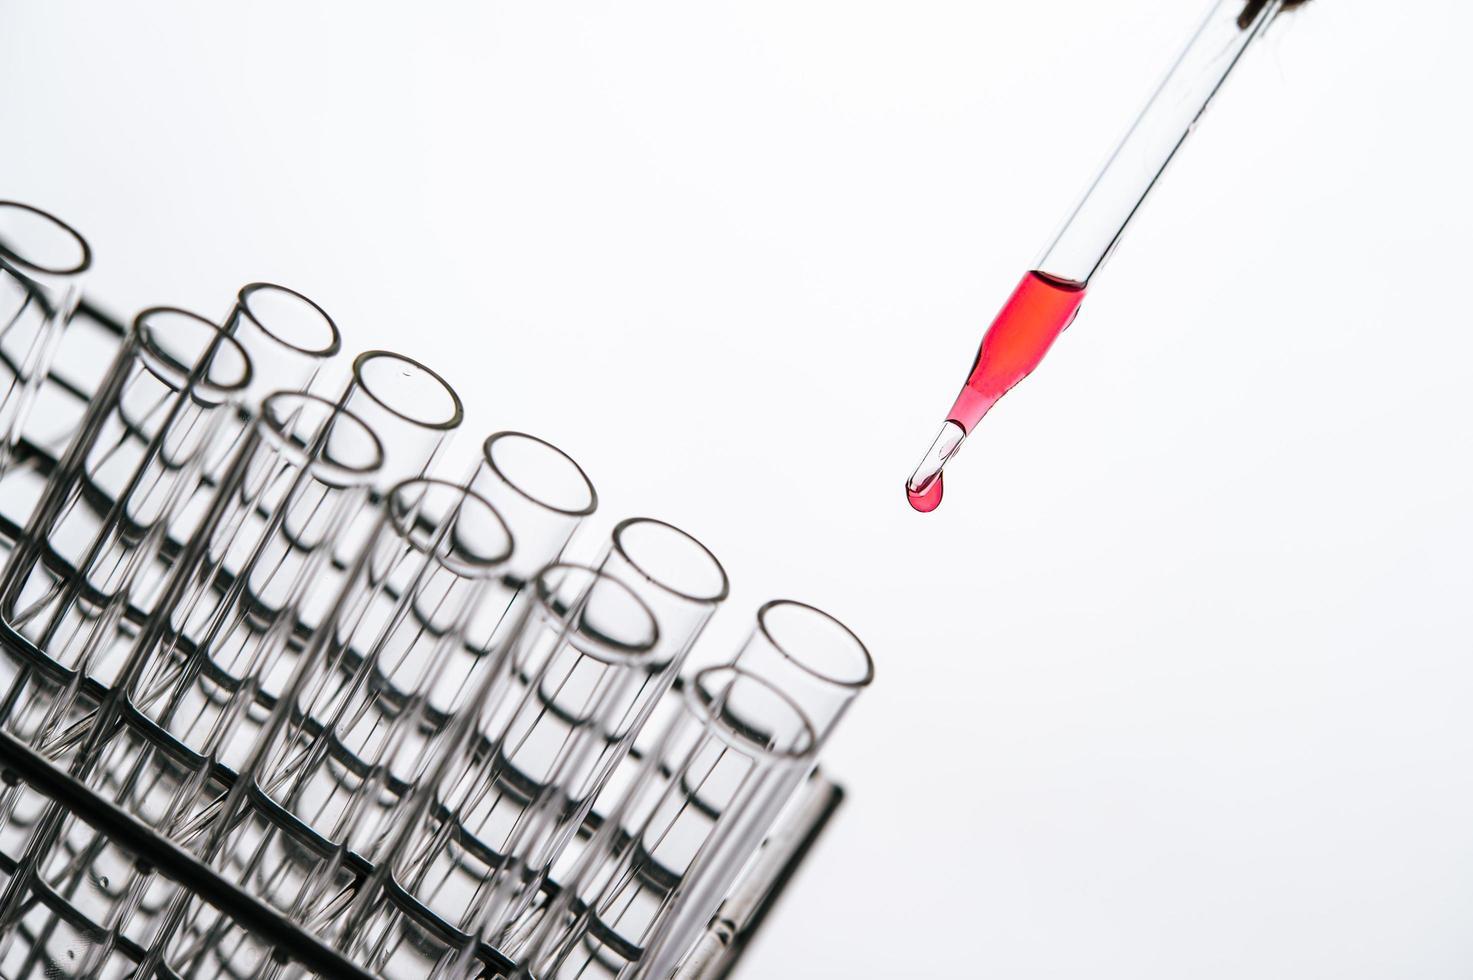 sostanze chimiche rosse cadute in un becher foto